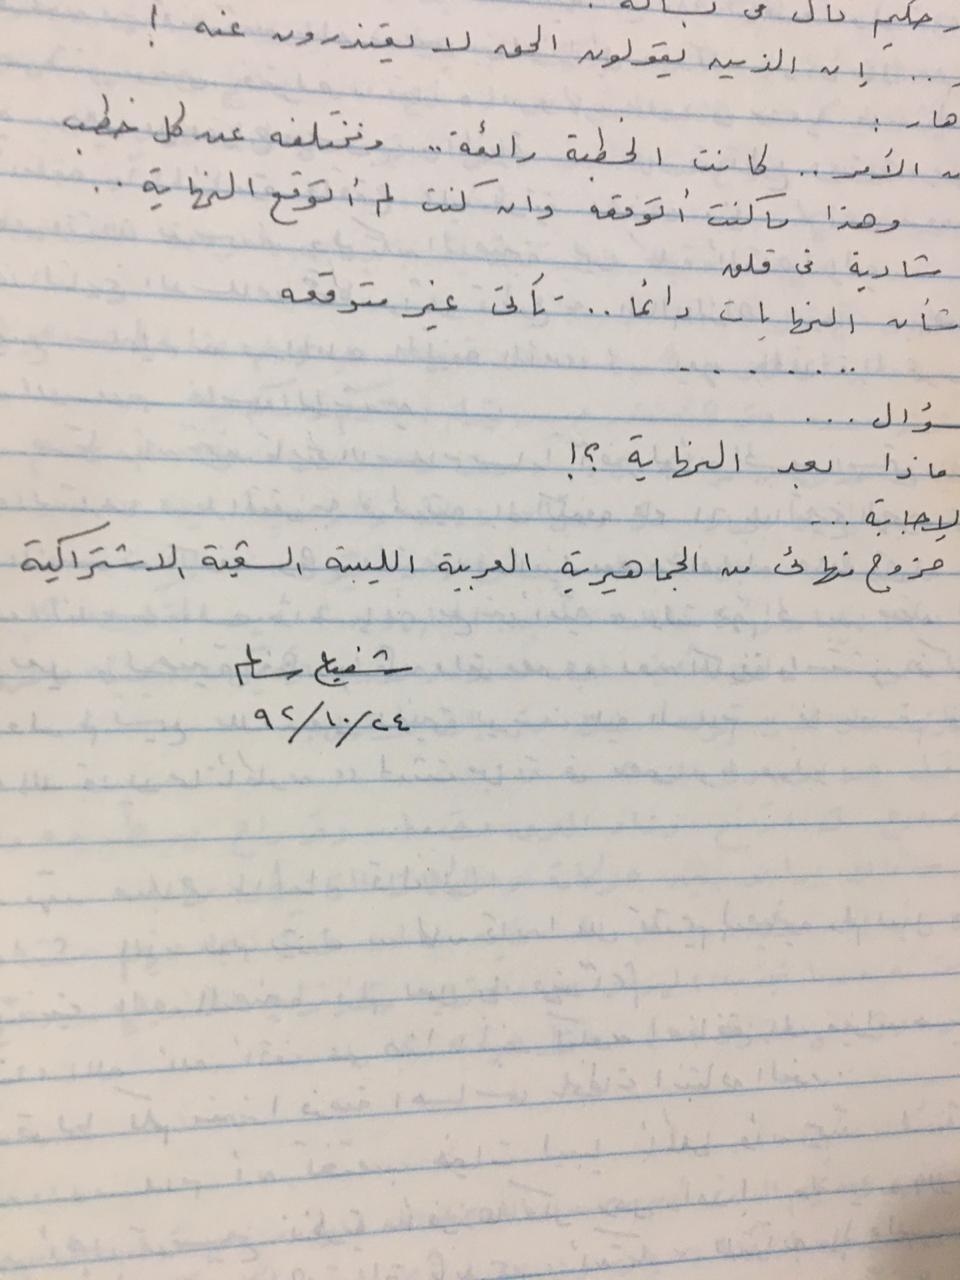 خطوط القسم الأول من الرواية المكتوب في ليبيا، ويظهر توقيع المؤلف في آخر صفحات هذا القسم